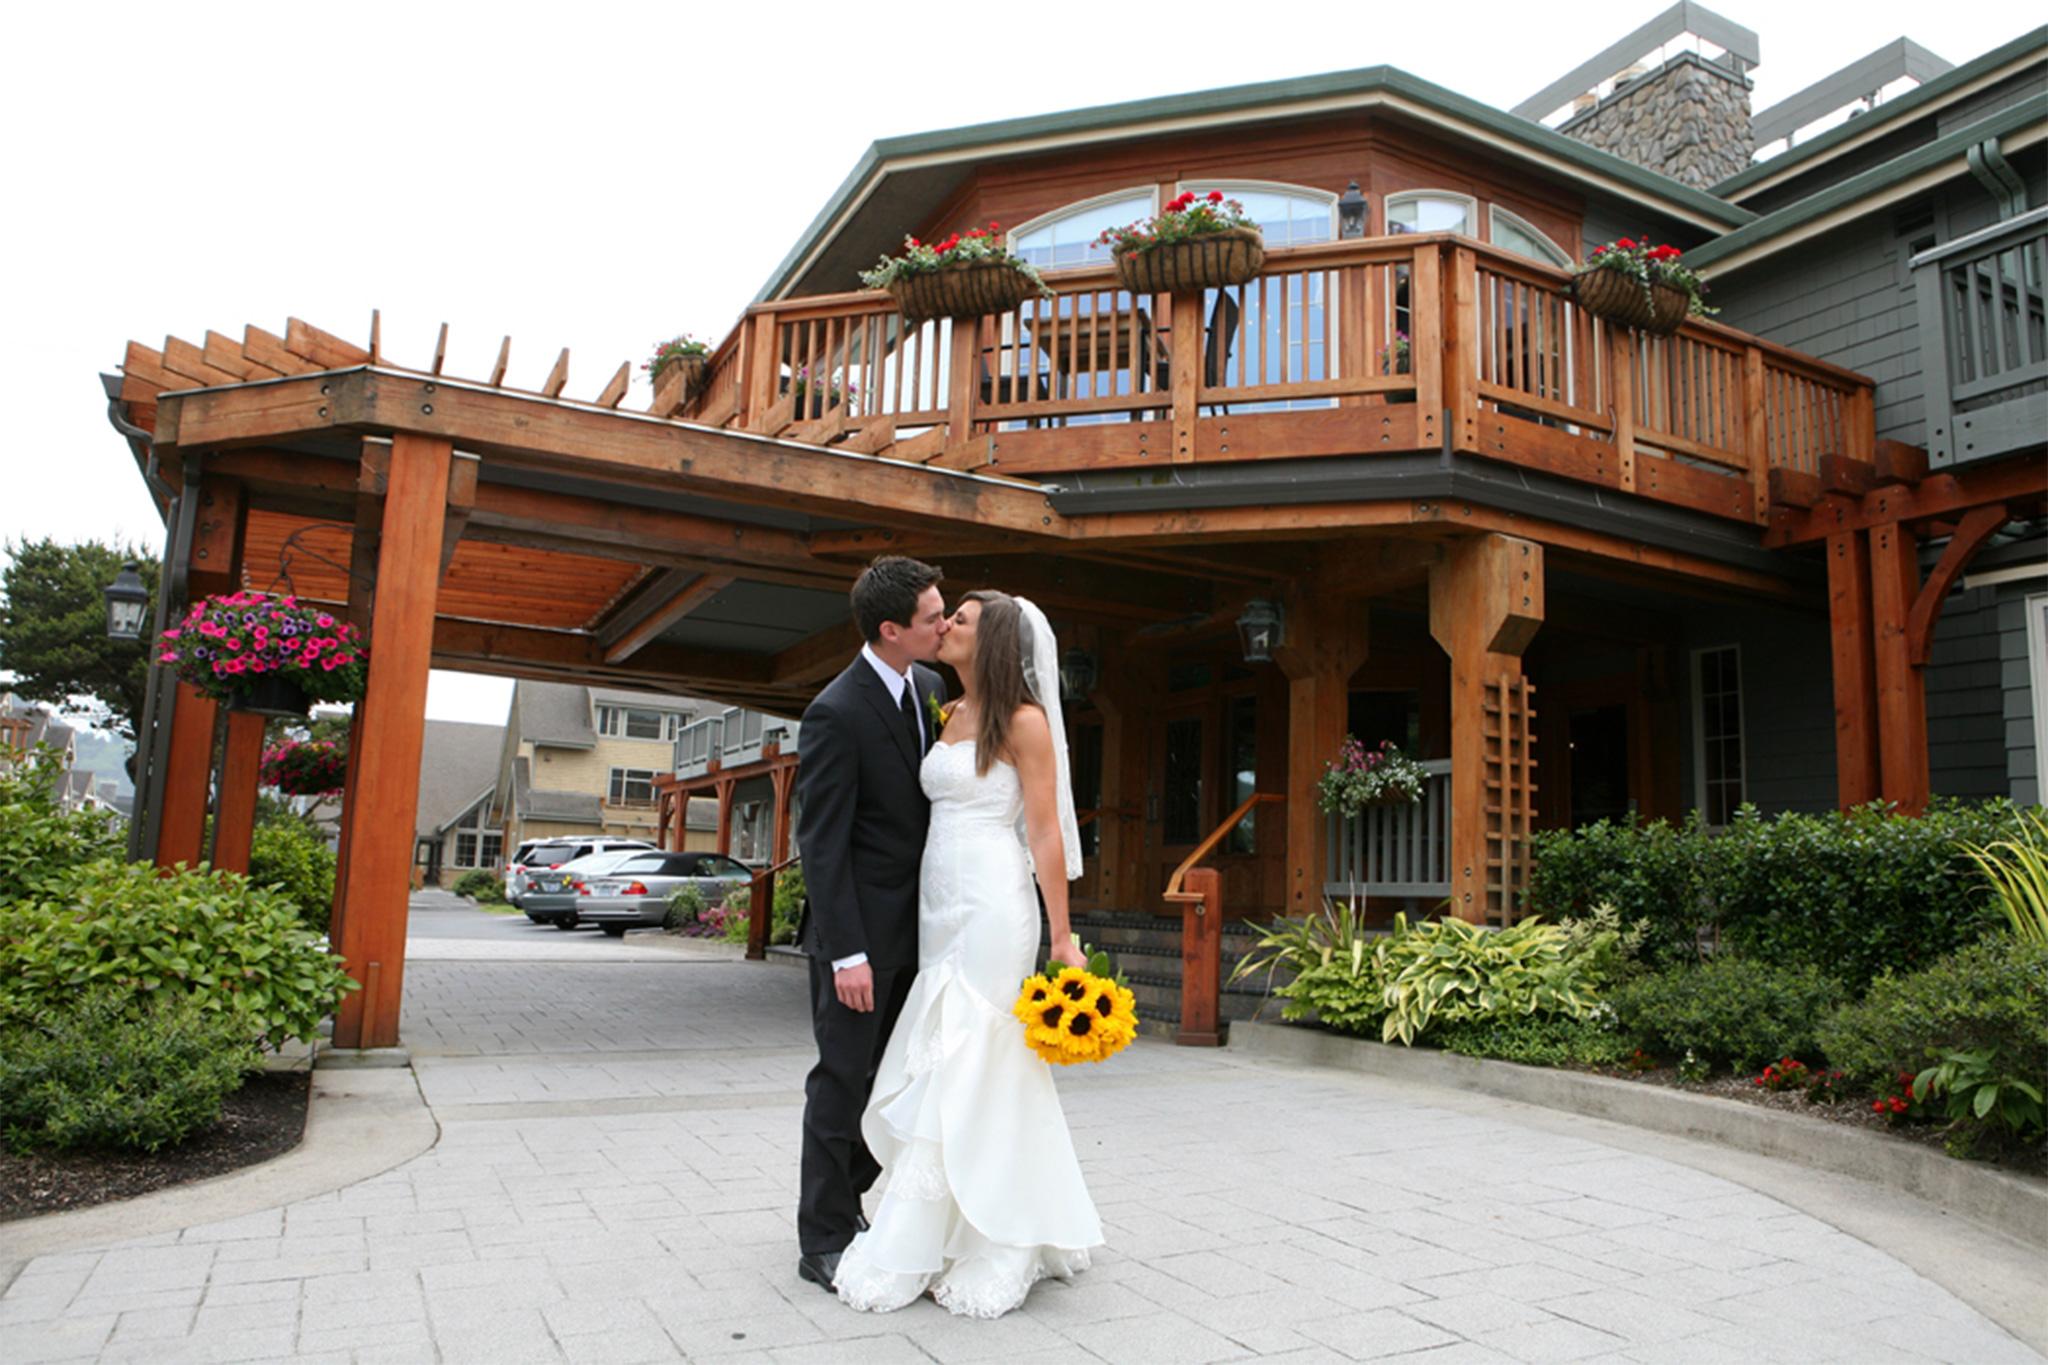 Cannon Beach Weddings Stephanie Inn Hor208 Oceanfront Hotel In Oregon